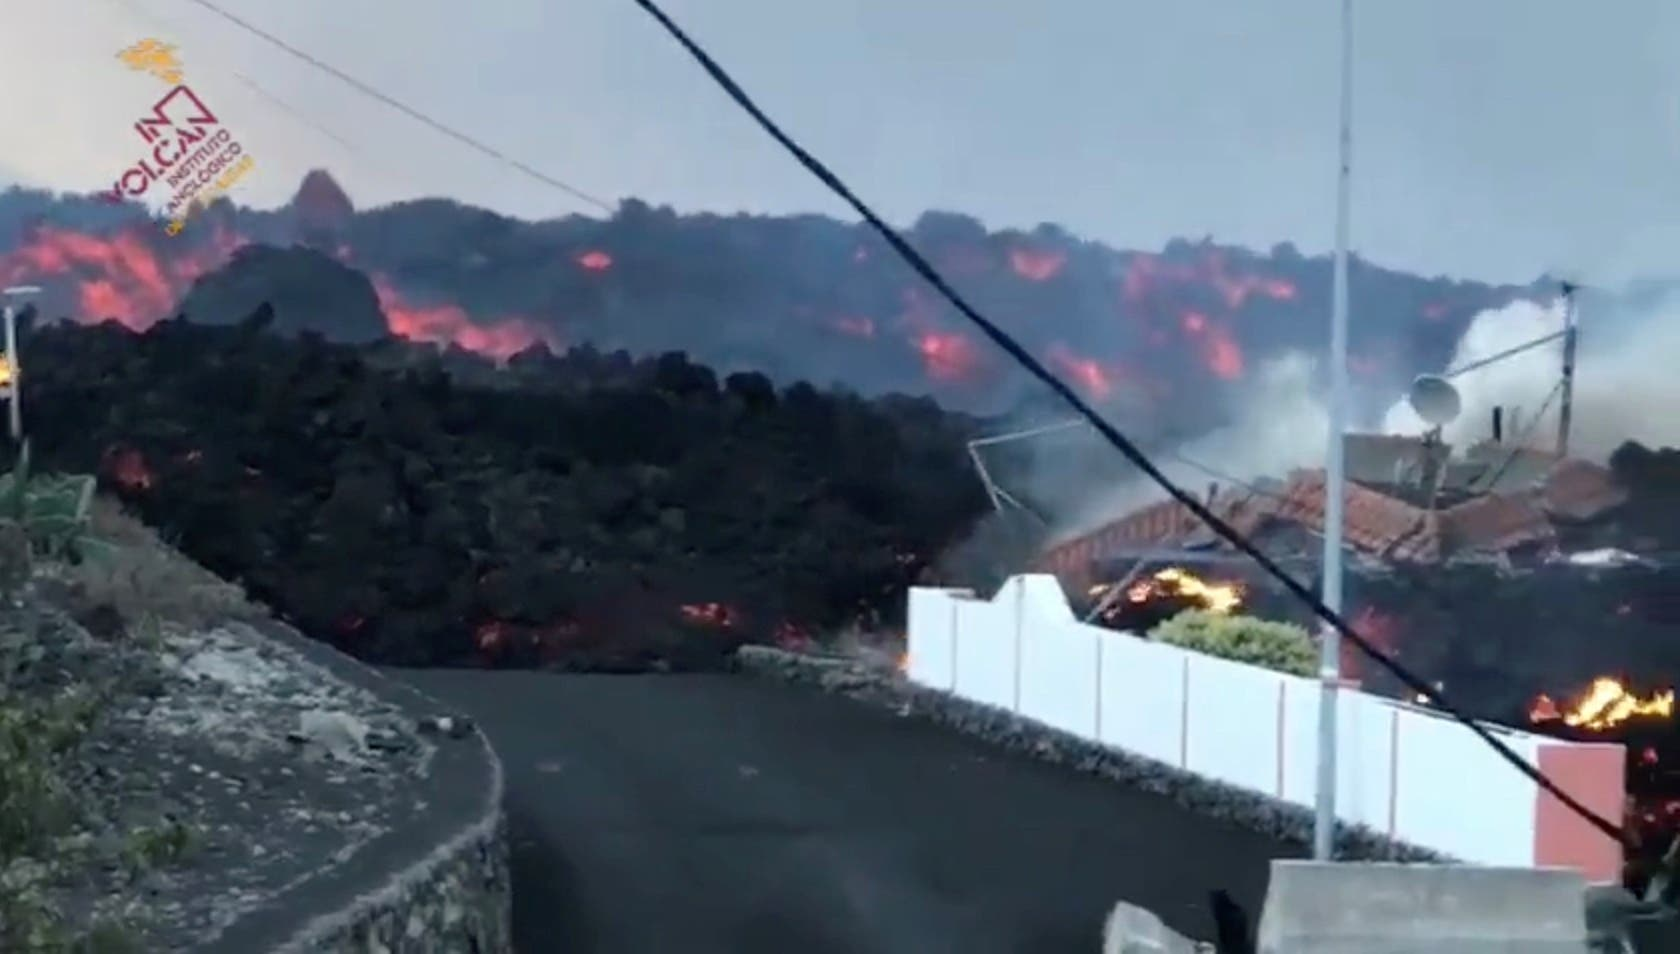 الحمم البركانية تجرف المنازل